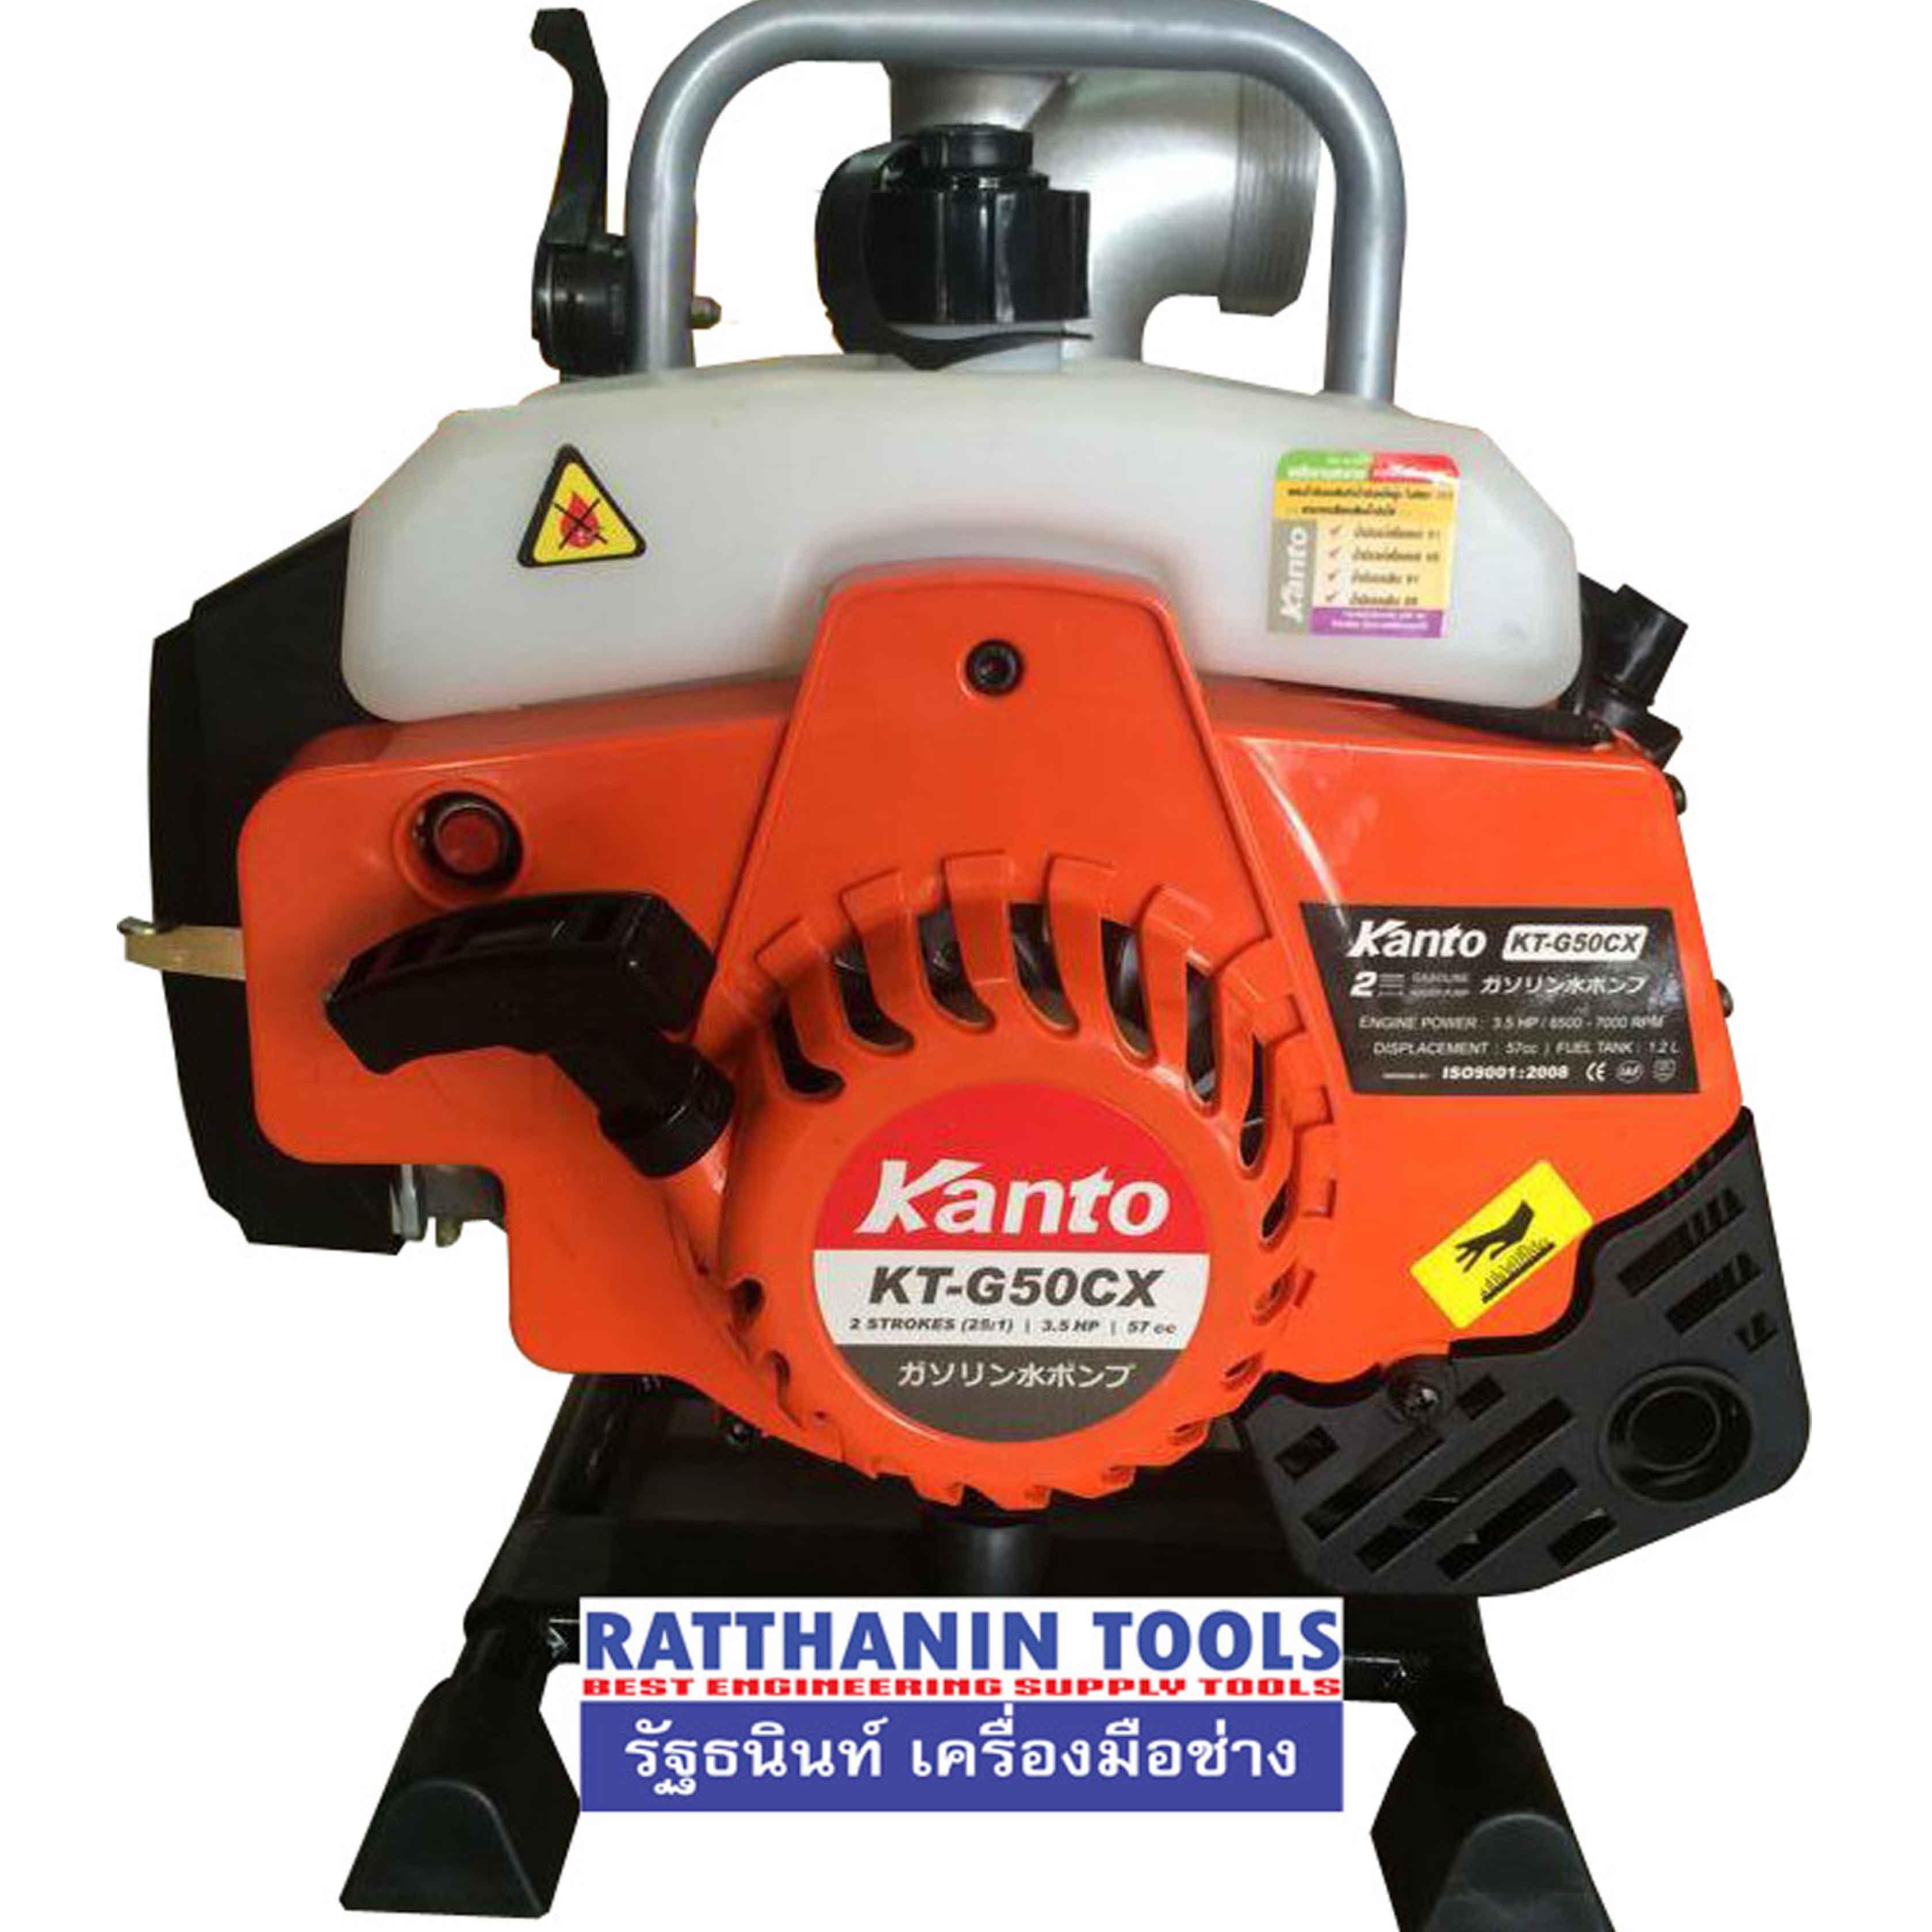 ราคาปั้มน้ำเครื่องยนต์เบนซิน KANTO รุ่น KT-G50CX